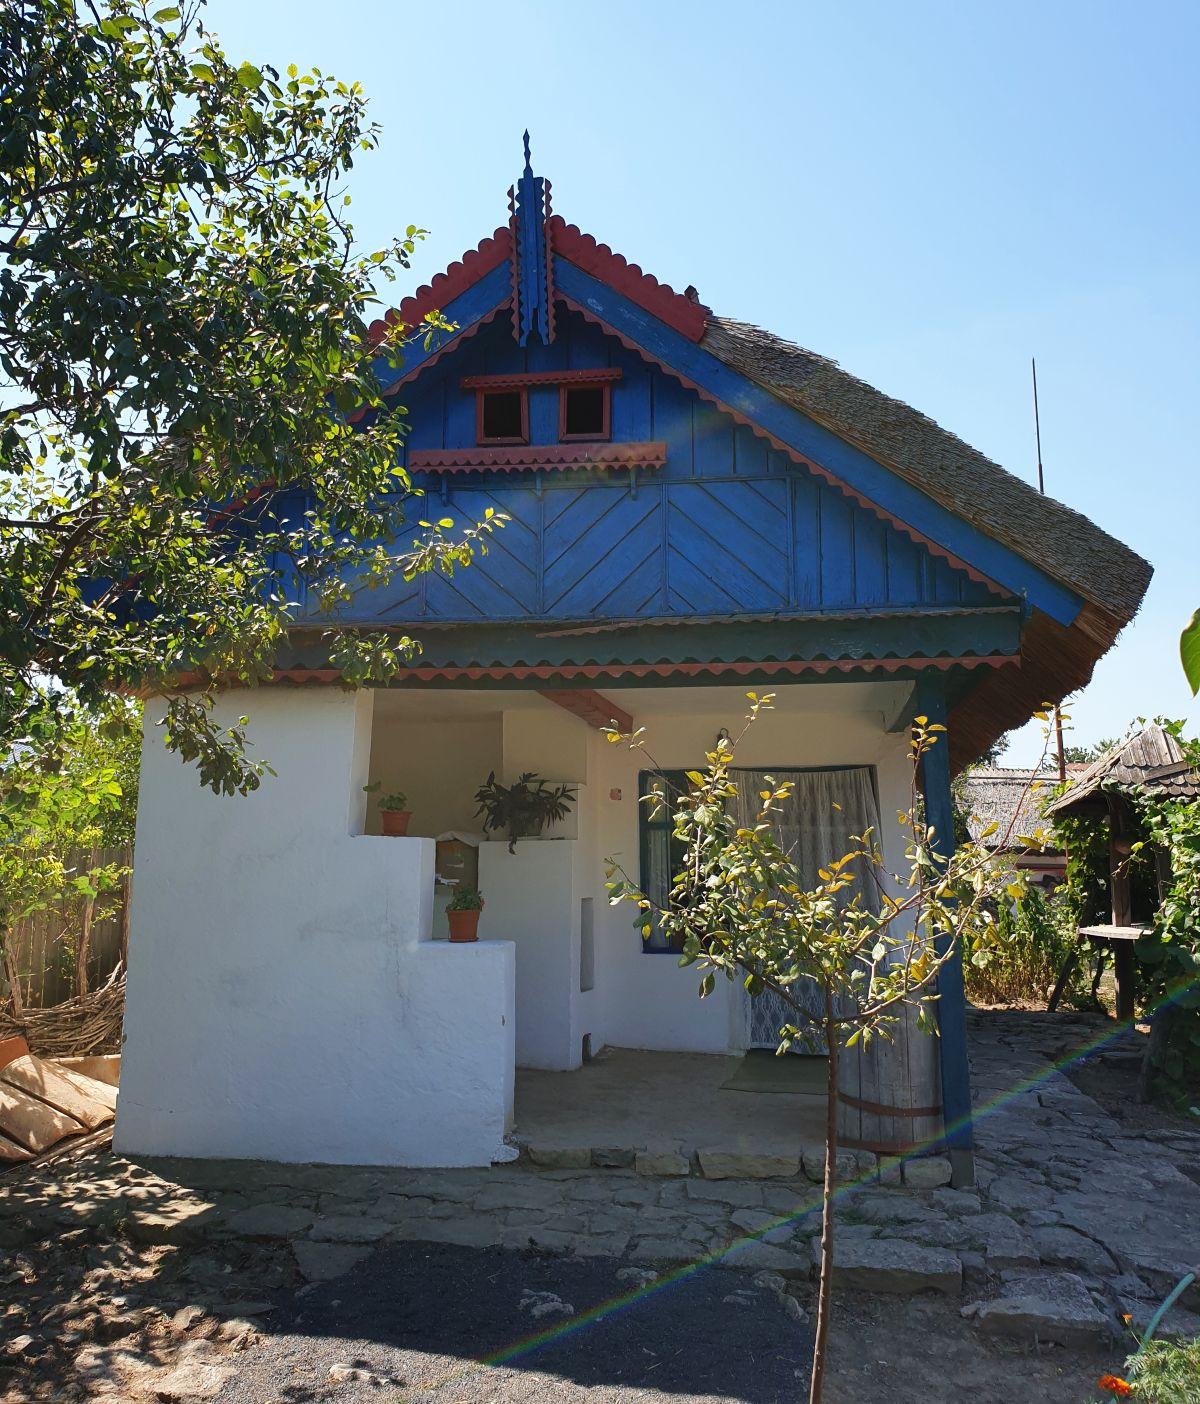 Bucătăria de vară este găzduită în fața unei camere, acum destinată muzeografului care poate prezenta casa vizitatorilor.